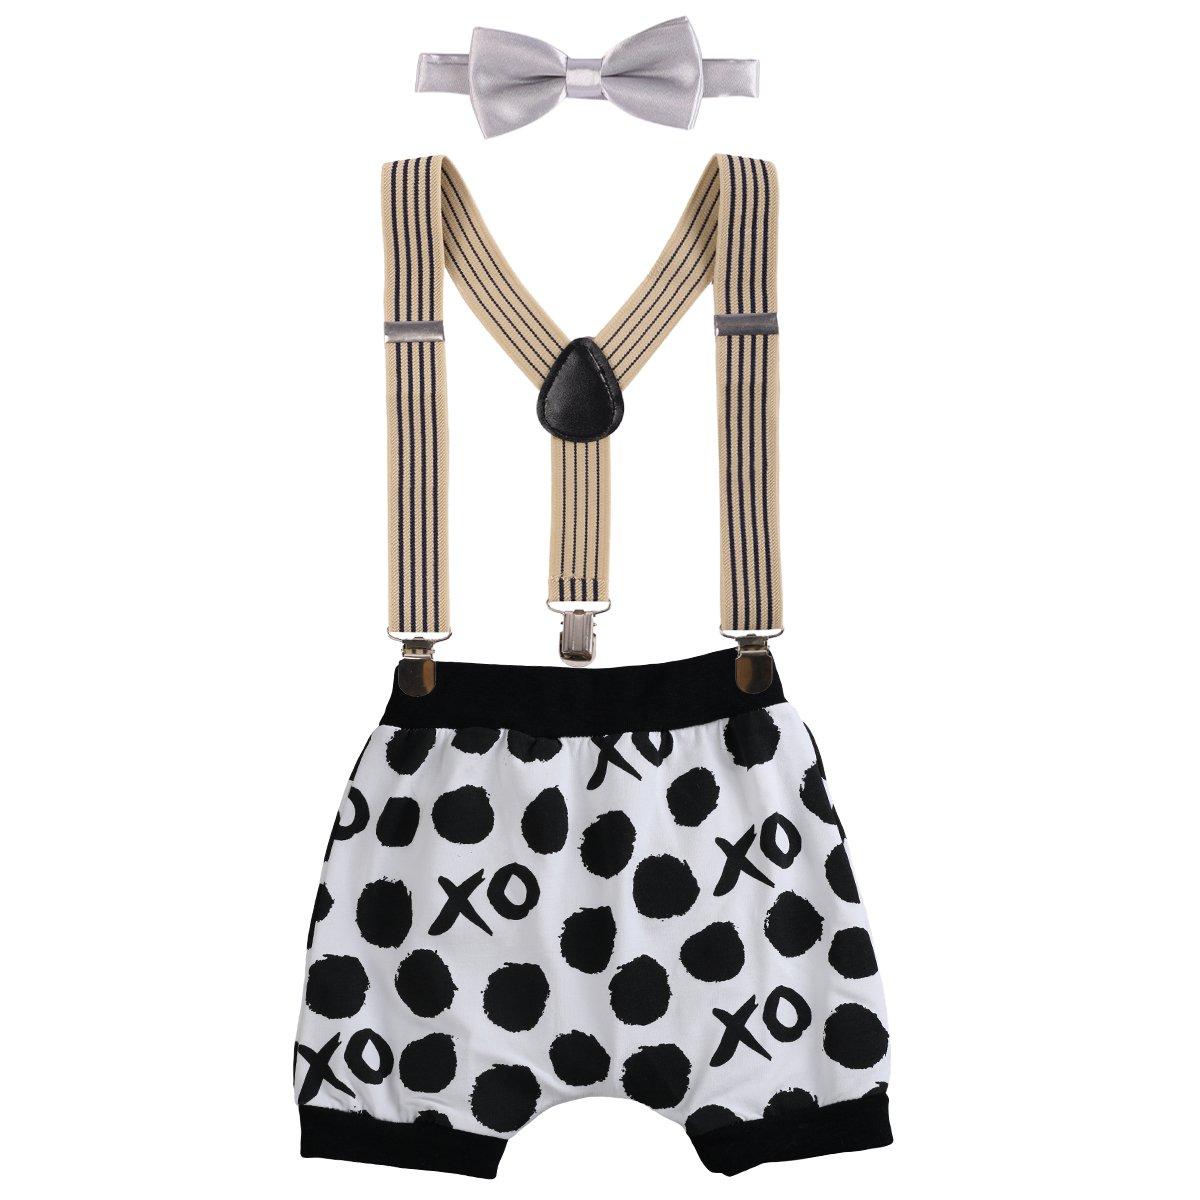 Bébé Fille Garçons 1er Anniversaire Costume de Photographie Sarouel Shorts Gentleman 3 Pièces Tenues Pour Enfants Bretelles Réglable en Y Dentelle Nœud Papillon